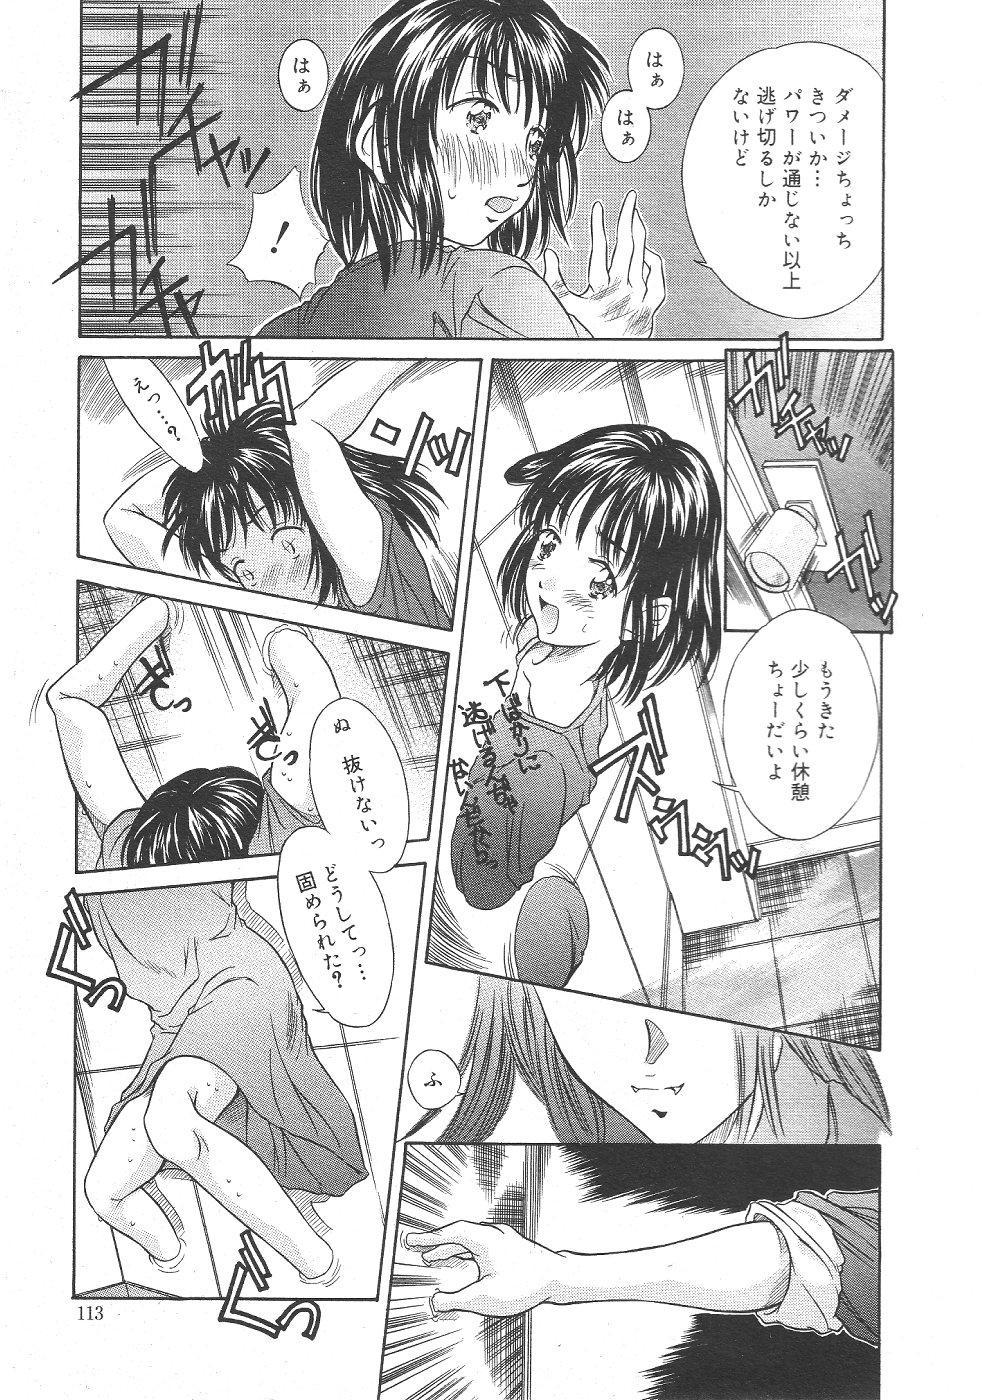 Gekkan Comic Muga 2004-06 Vol.10 116